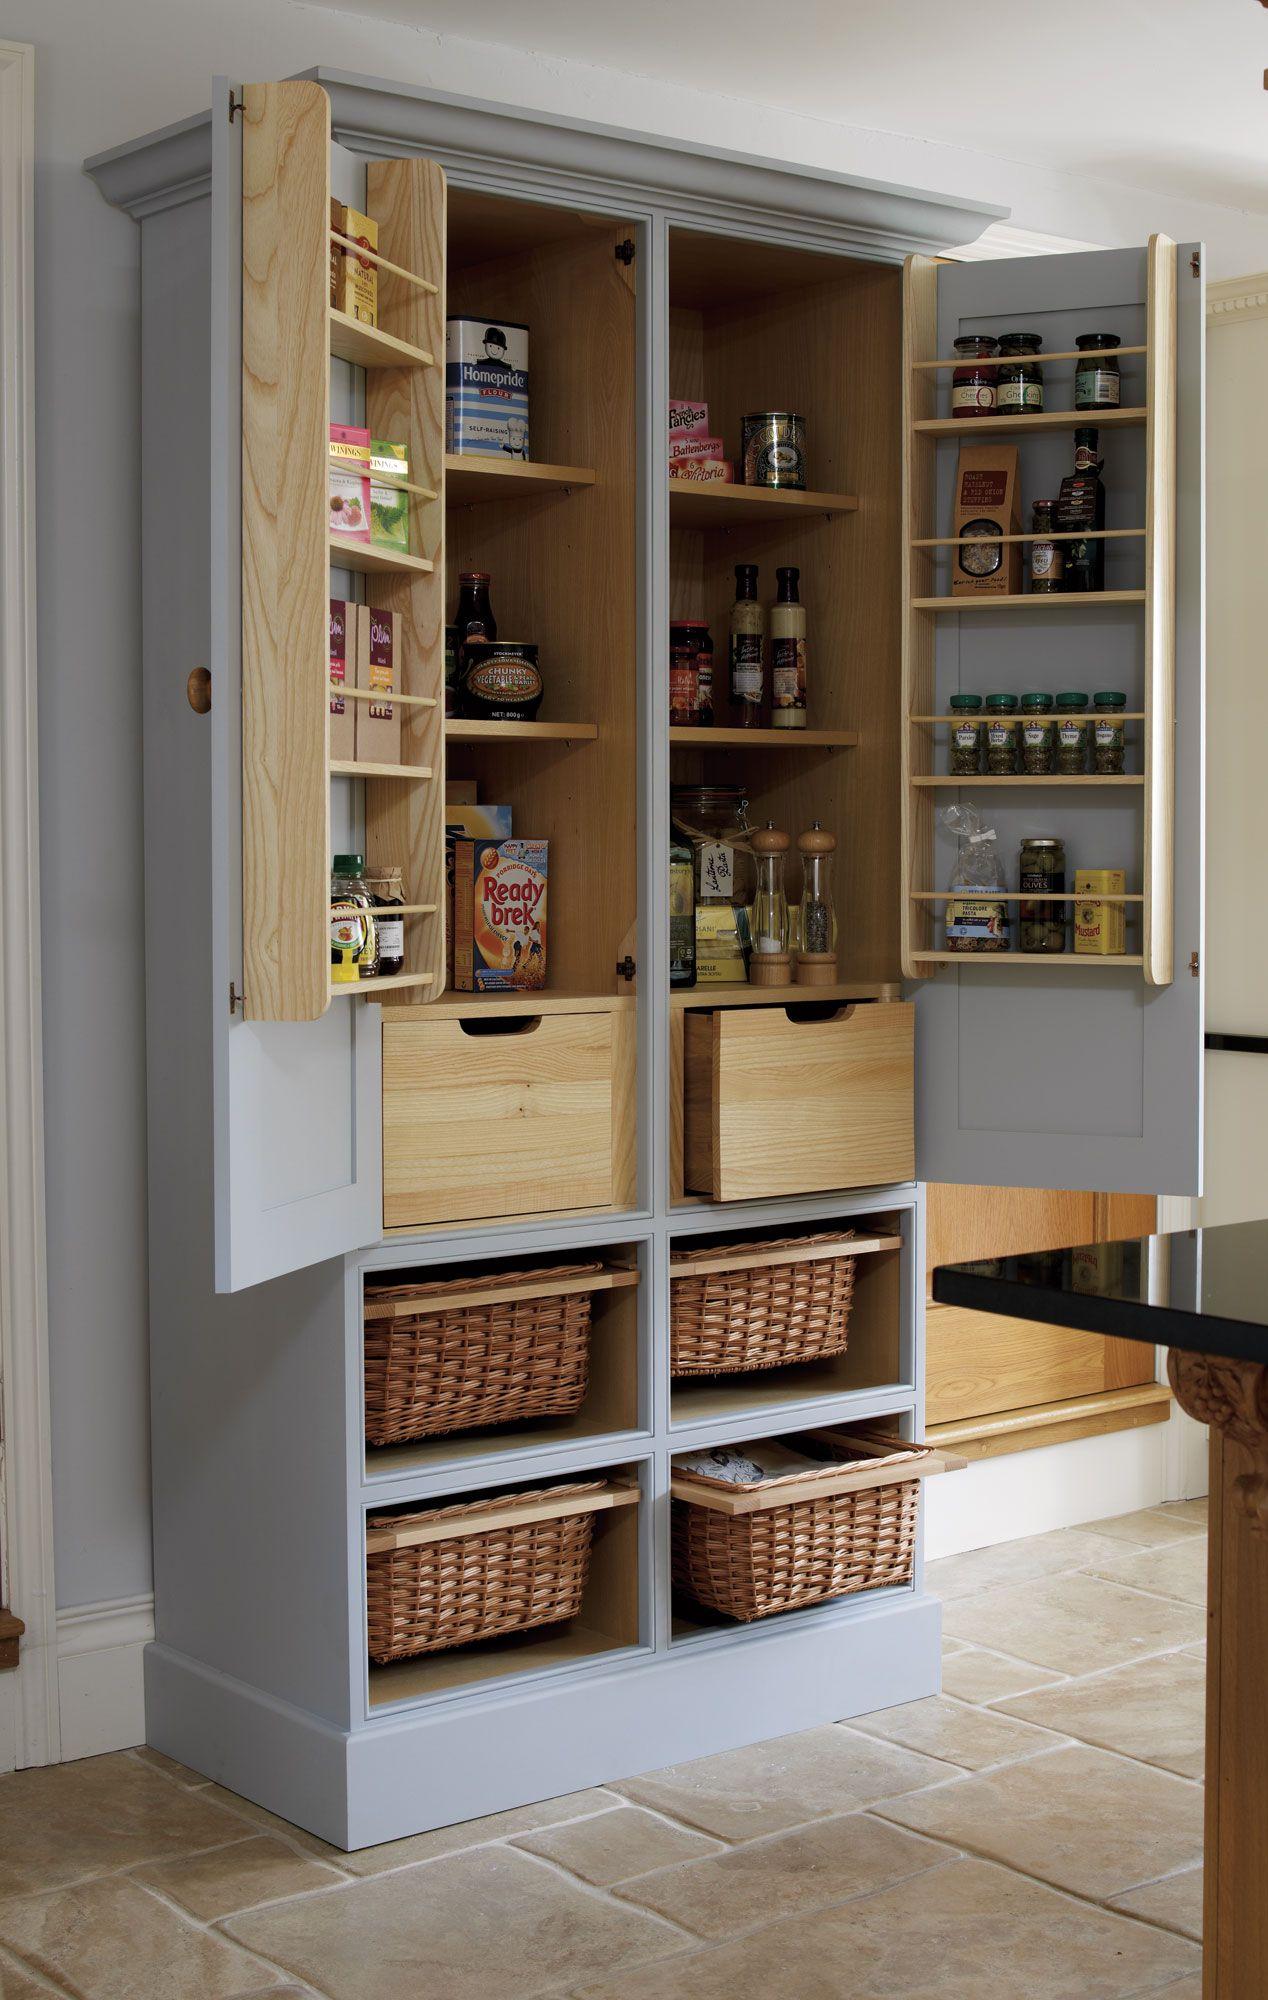 Kitchen Knife Storage Ideas